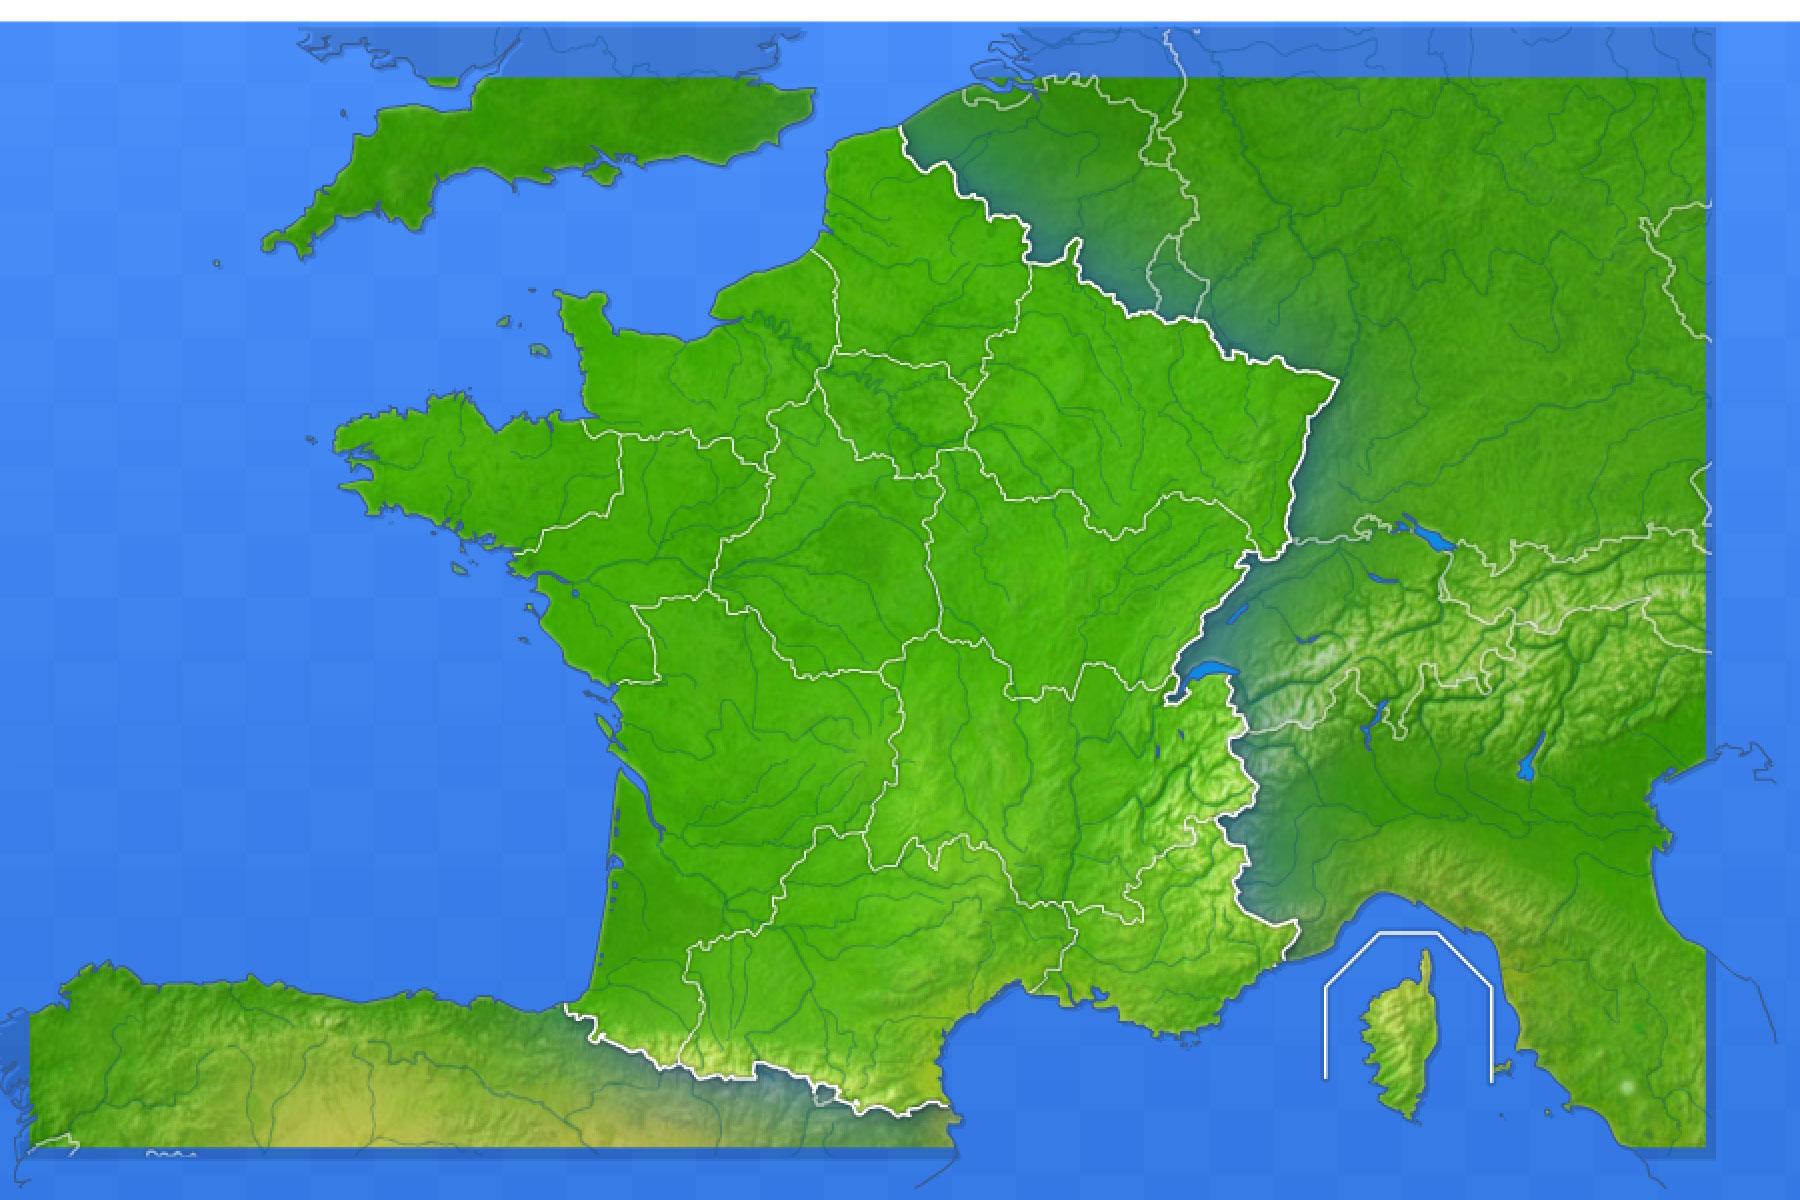 Jeux-Geographiques Jeux Gratuits Jeu Villes De France Junior encequiconcerne Jeux Geographique